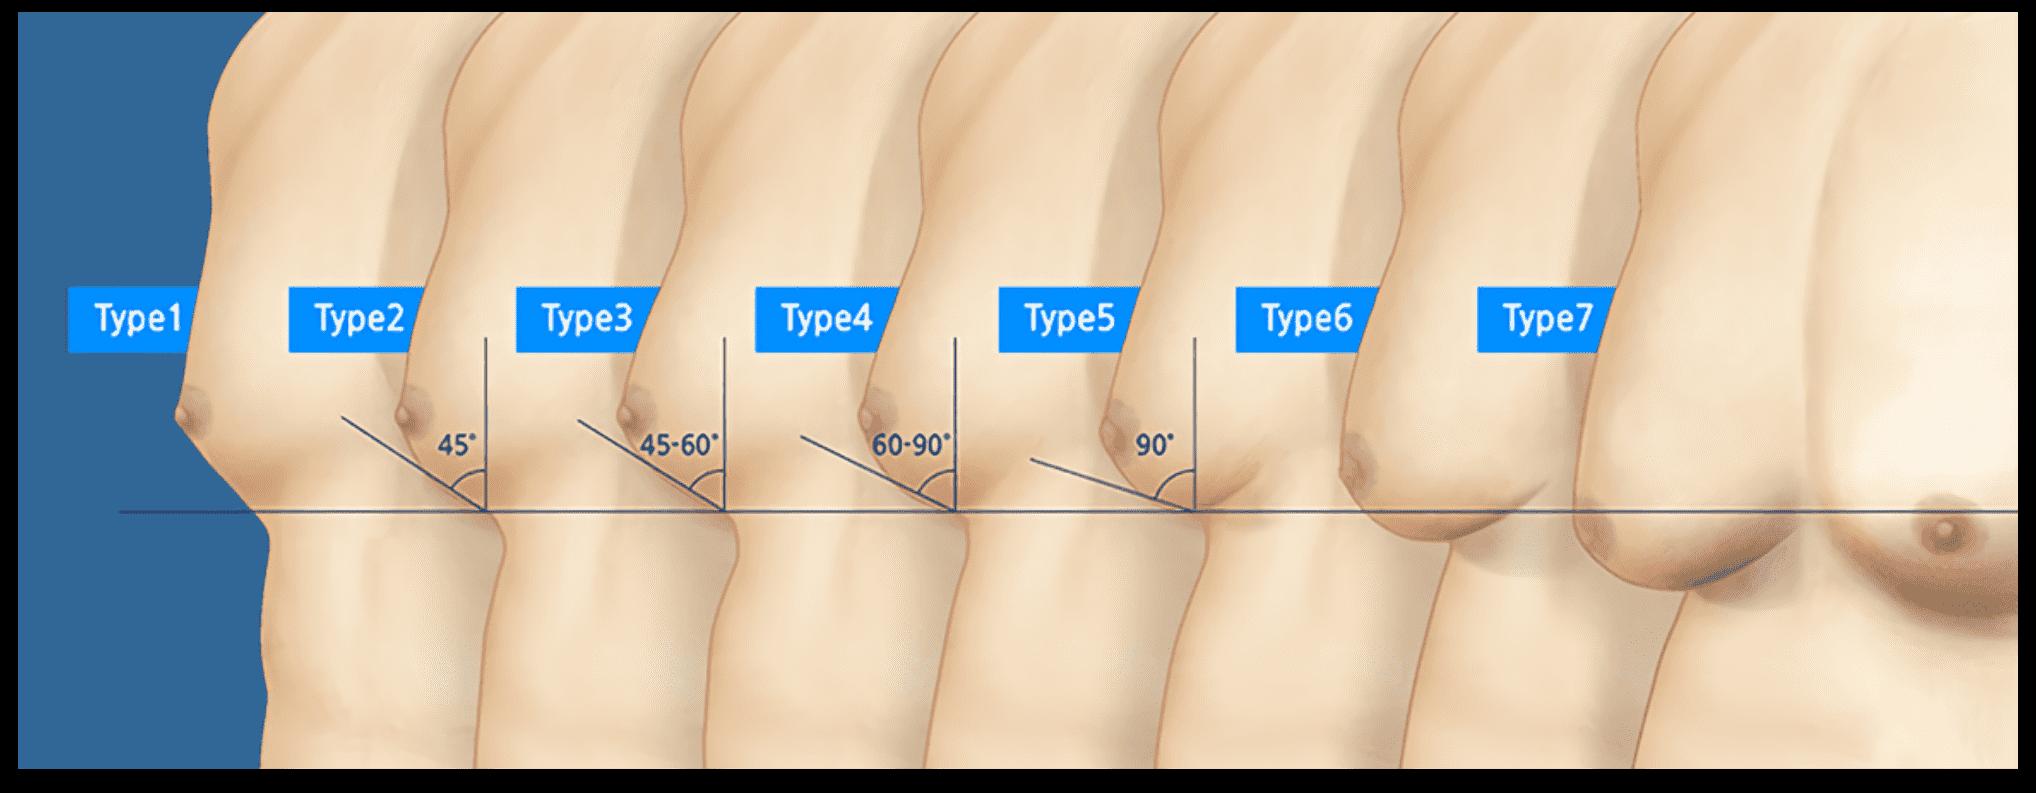 여유증 가슴의 발달 정도에 따른 7가지 타입